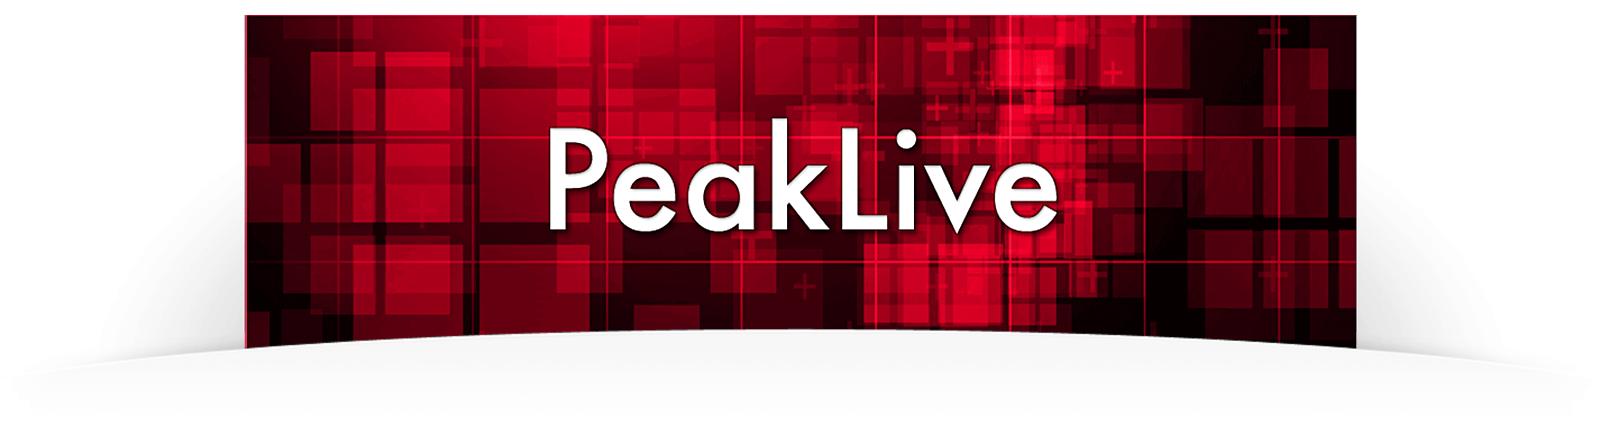 PeakLive